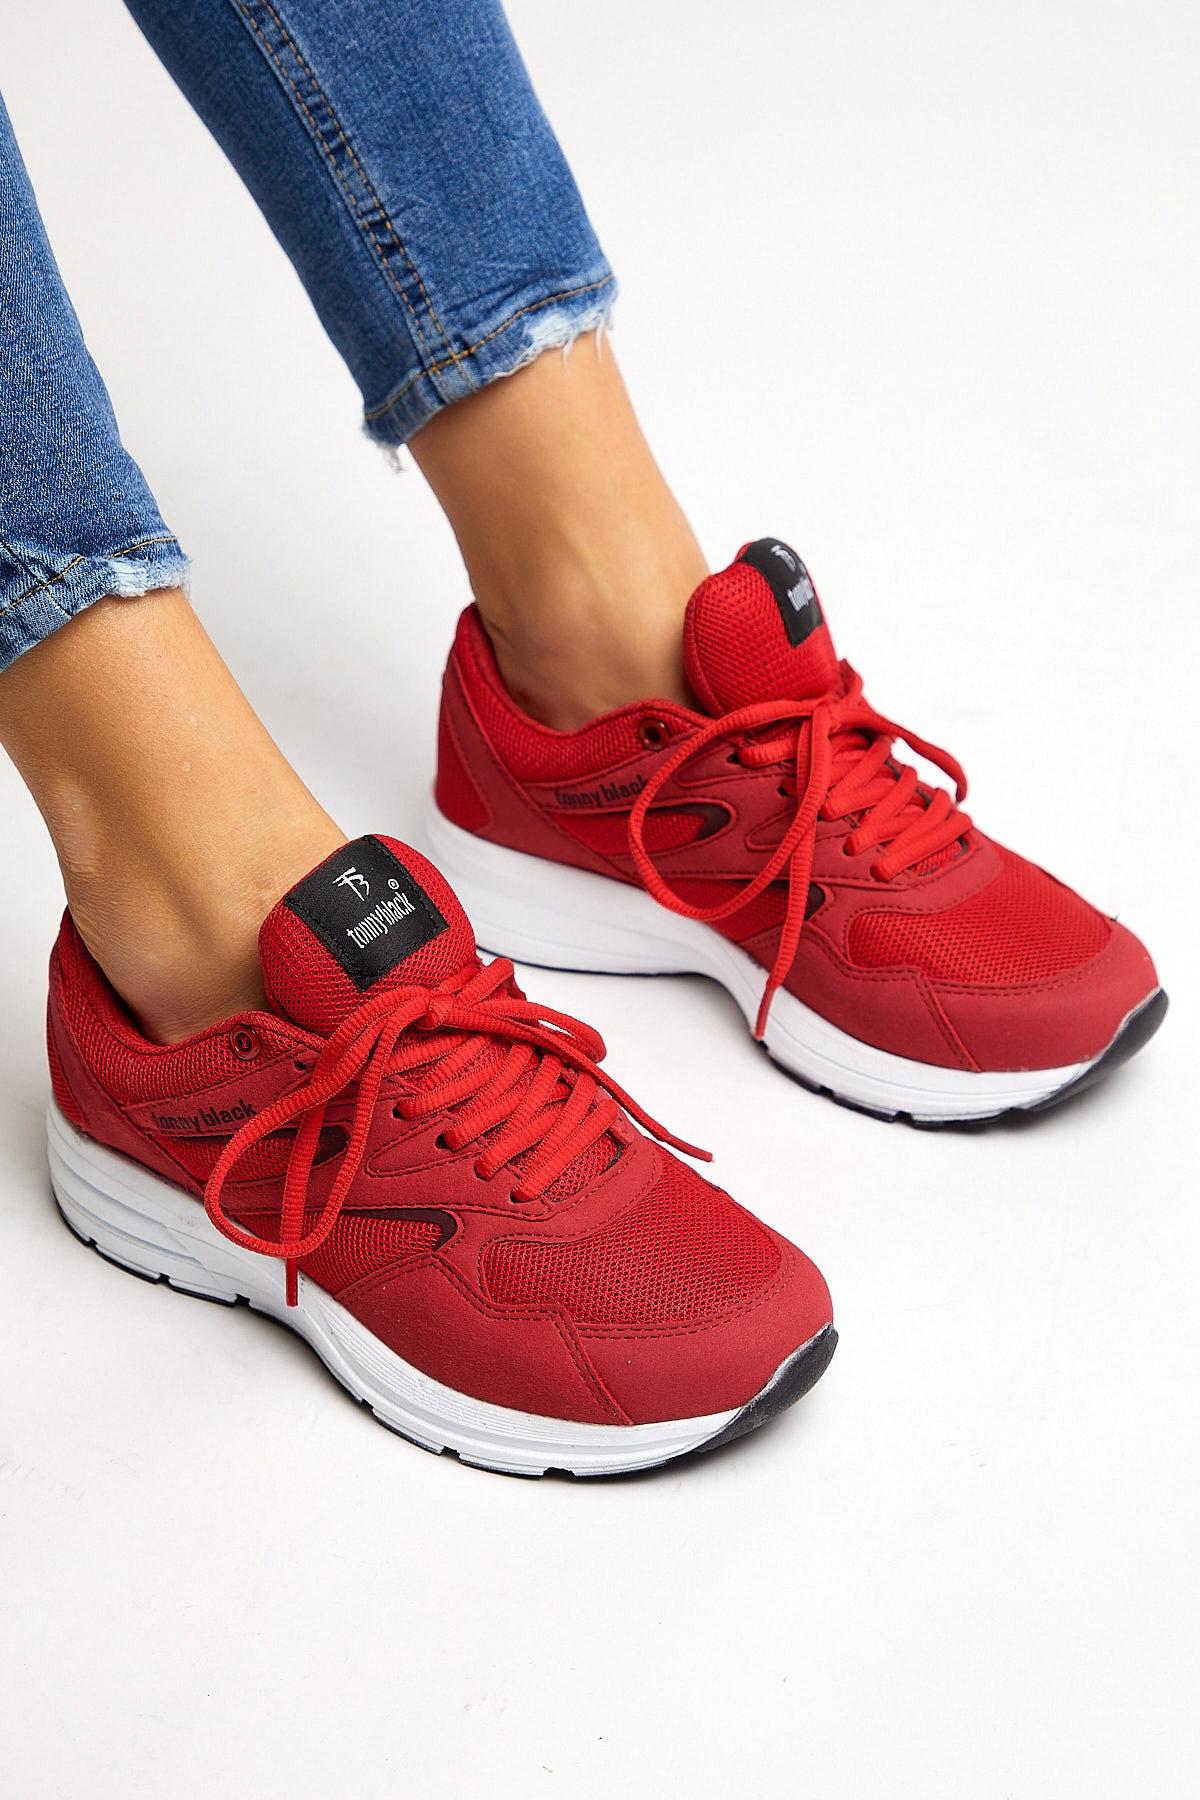 Tonny Black Unısex Spor Ayakkabı Kırmızı 772 2